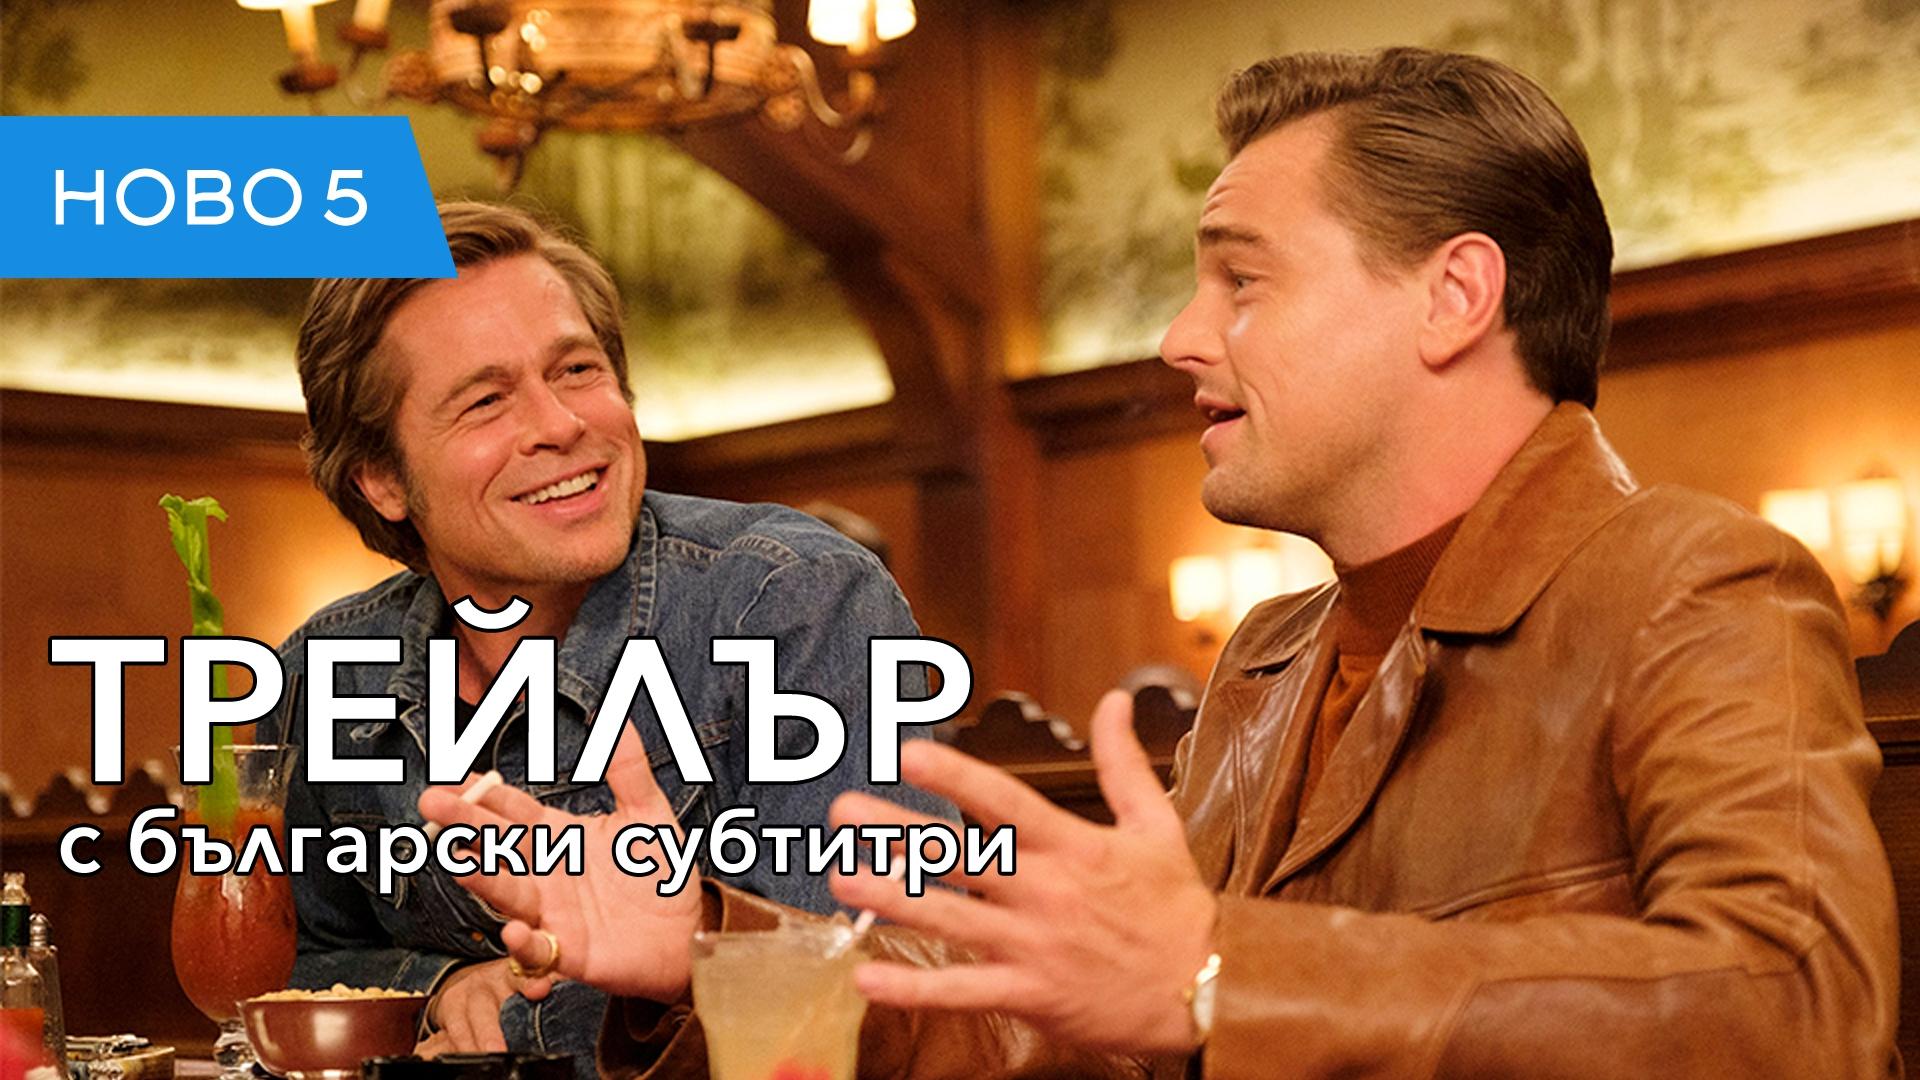 Имало едно време в Холивуд (2019) трейлър с български субтитри